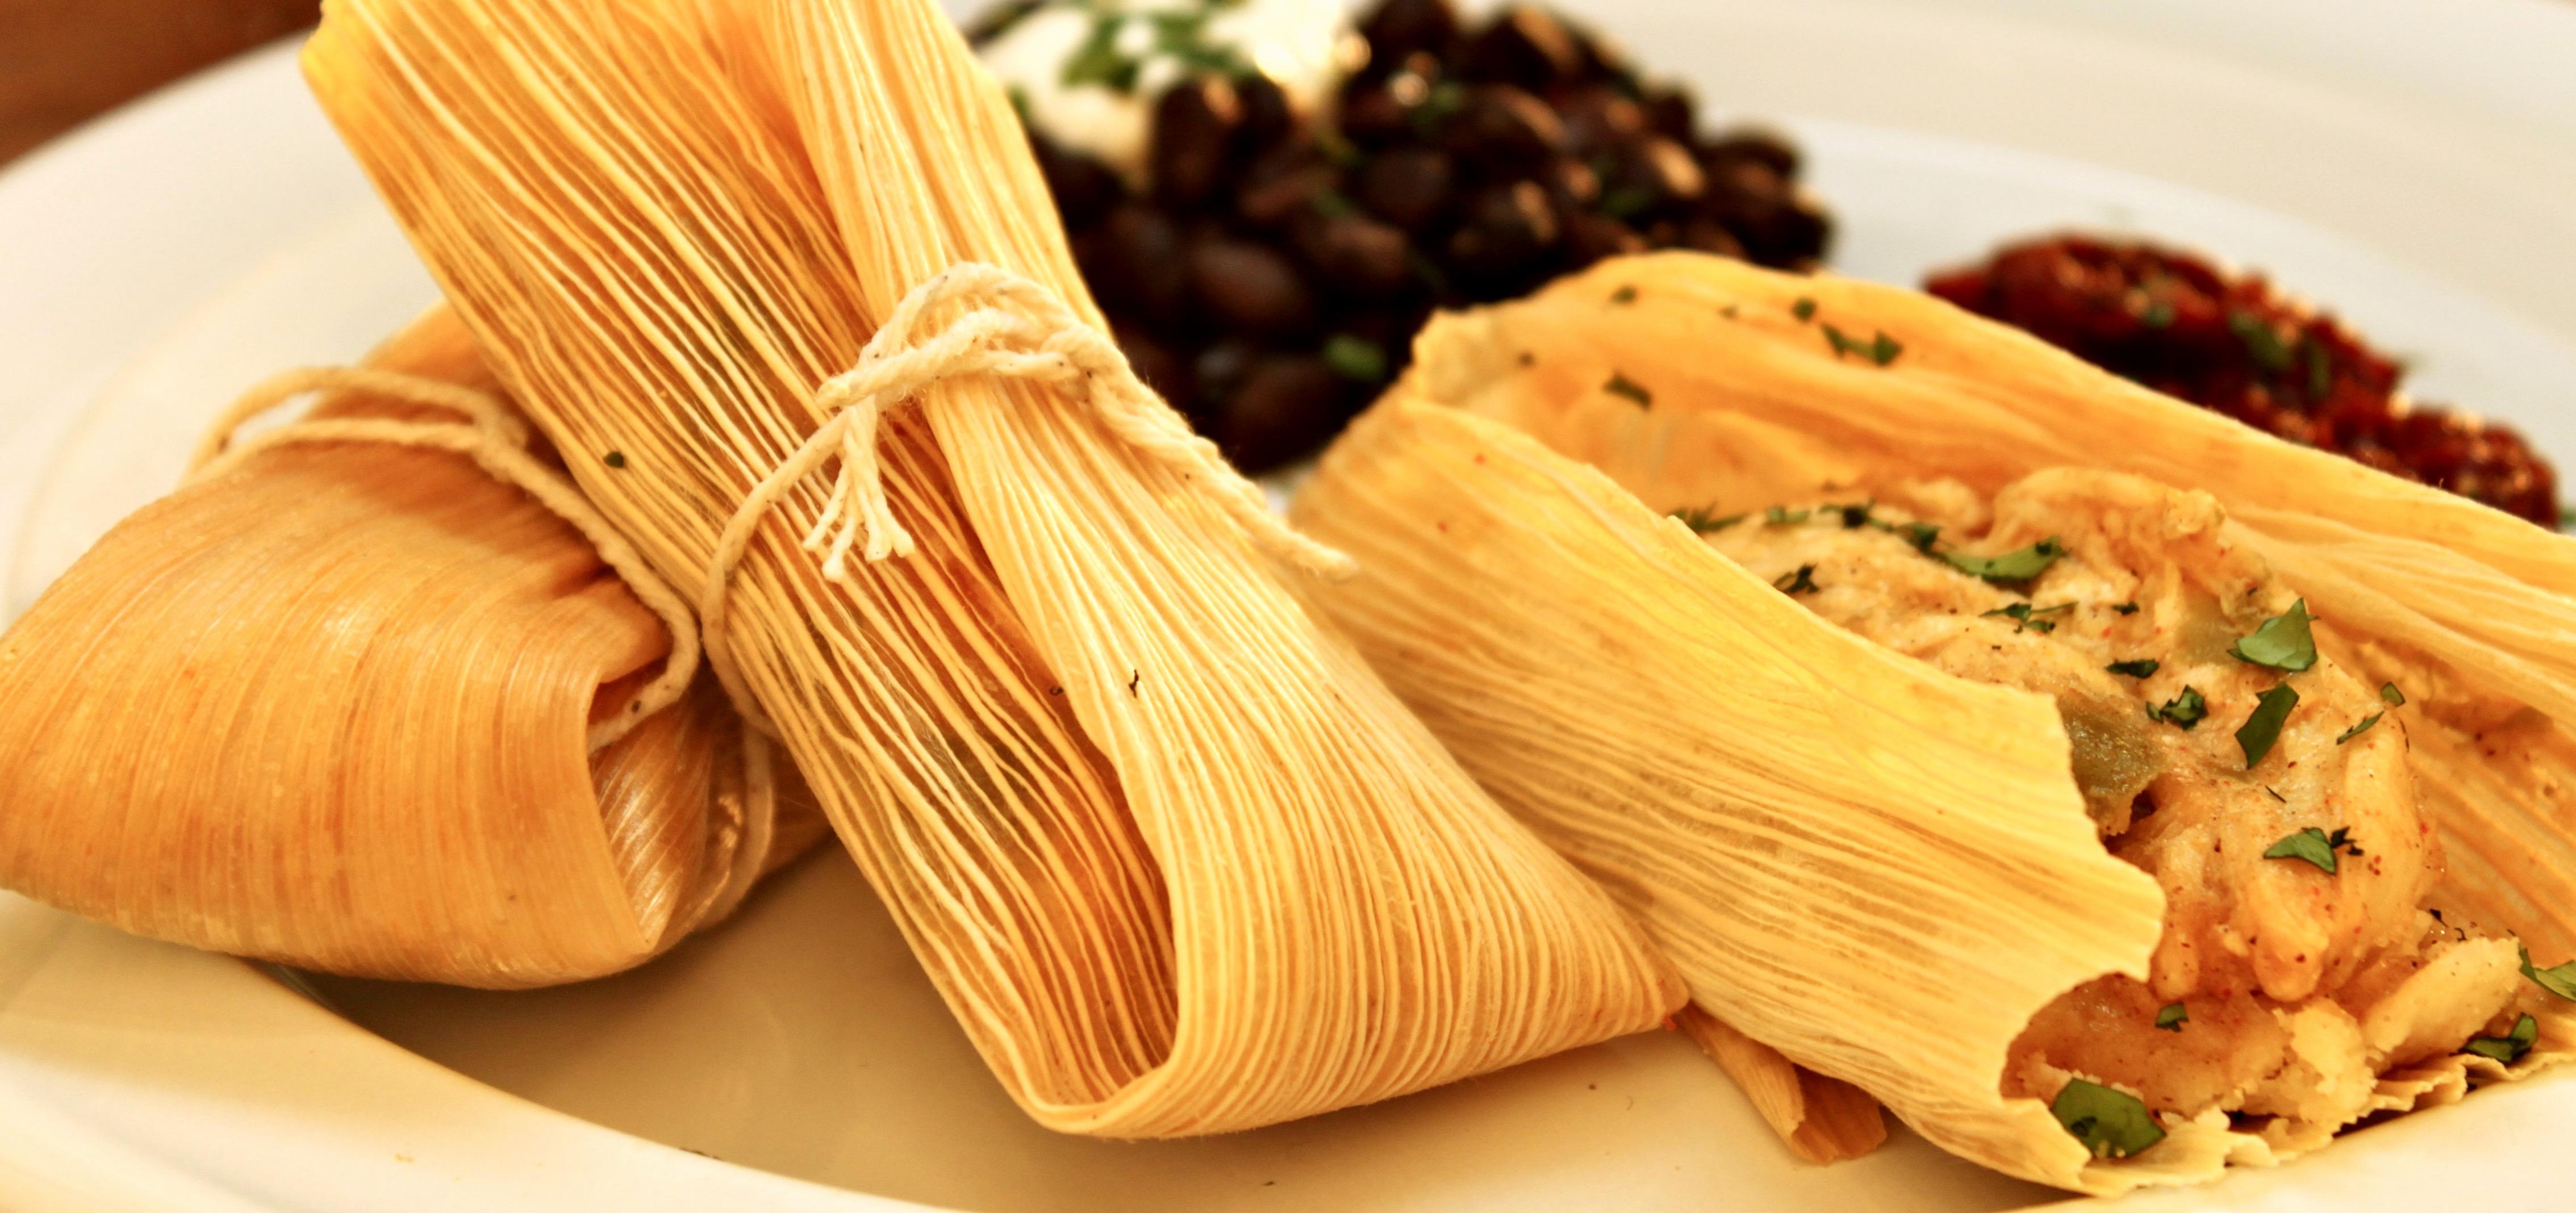 Тамалес в маисовых листьях, самое распространенное мексиканское блюдо